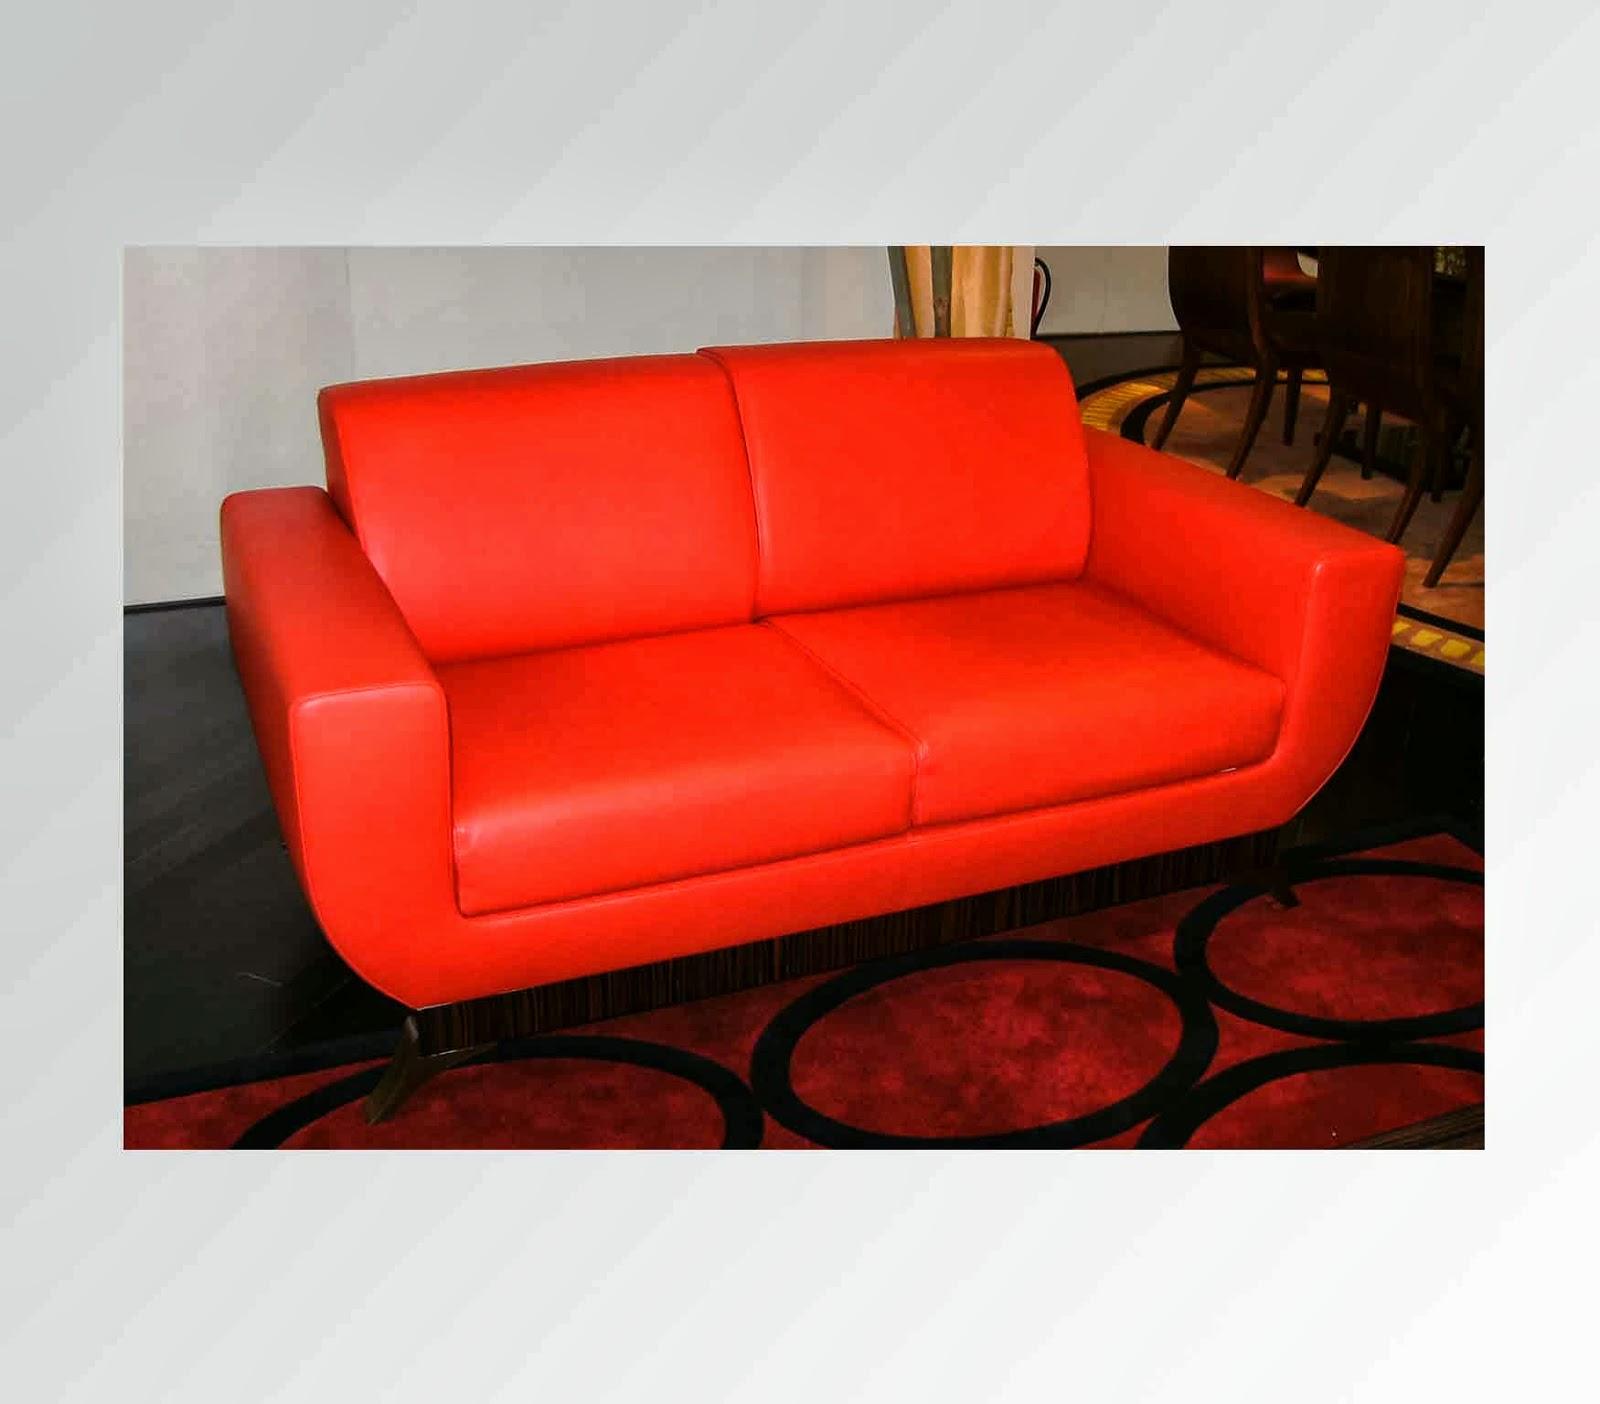 Oak Industria Arredamenti Red Love Seat Sofa ~ Used Luxury Furniture